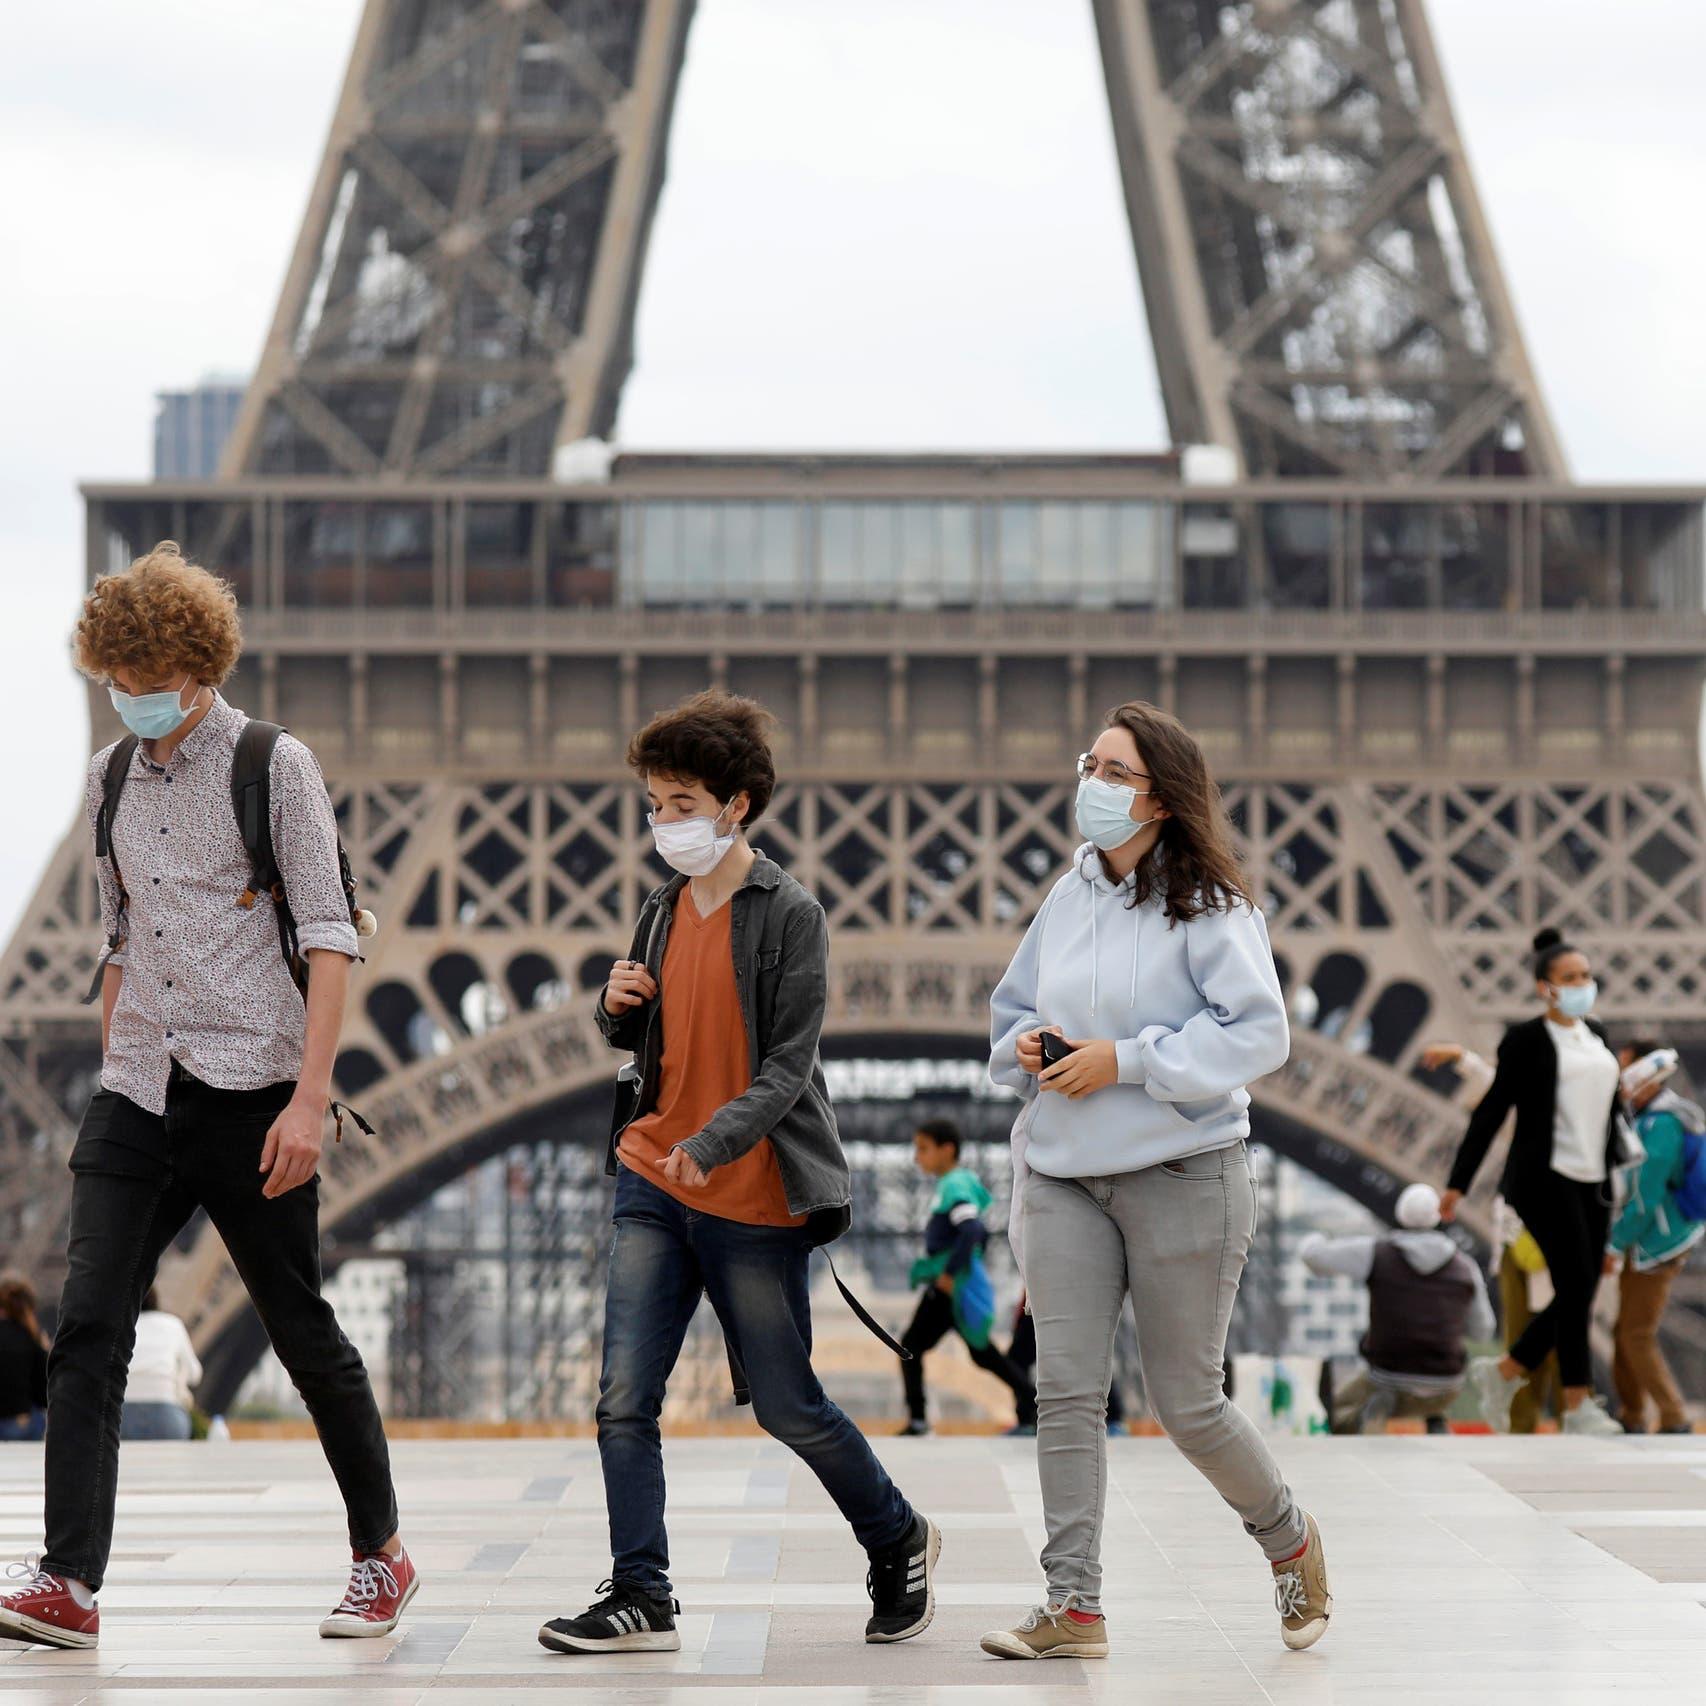 أوروبا قلقة من إجهاض متحورات كورونا موسمها السياحي